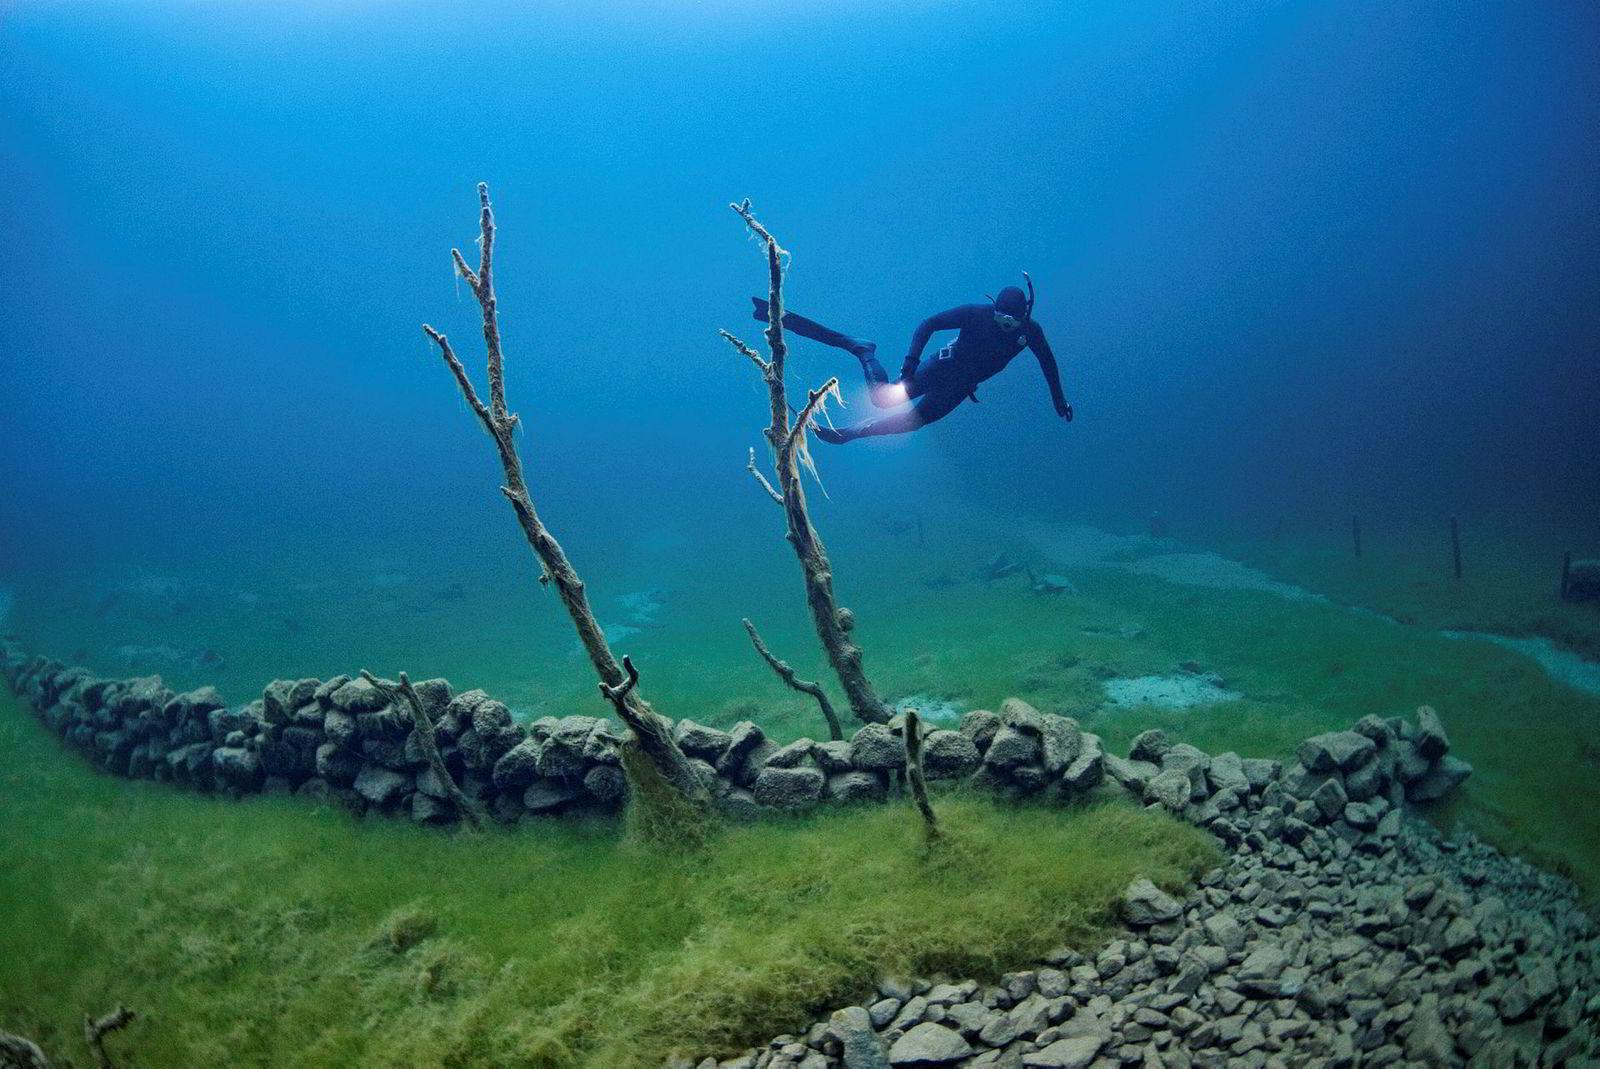 Et ras i 1908 demmet opp endel av Norangsdalen og skapte Lyngstøylsvatnet. Stian Kavli svømmer blant restene av gamle gårder og støler.